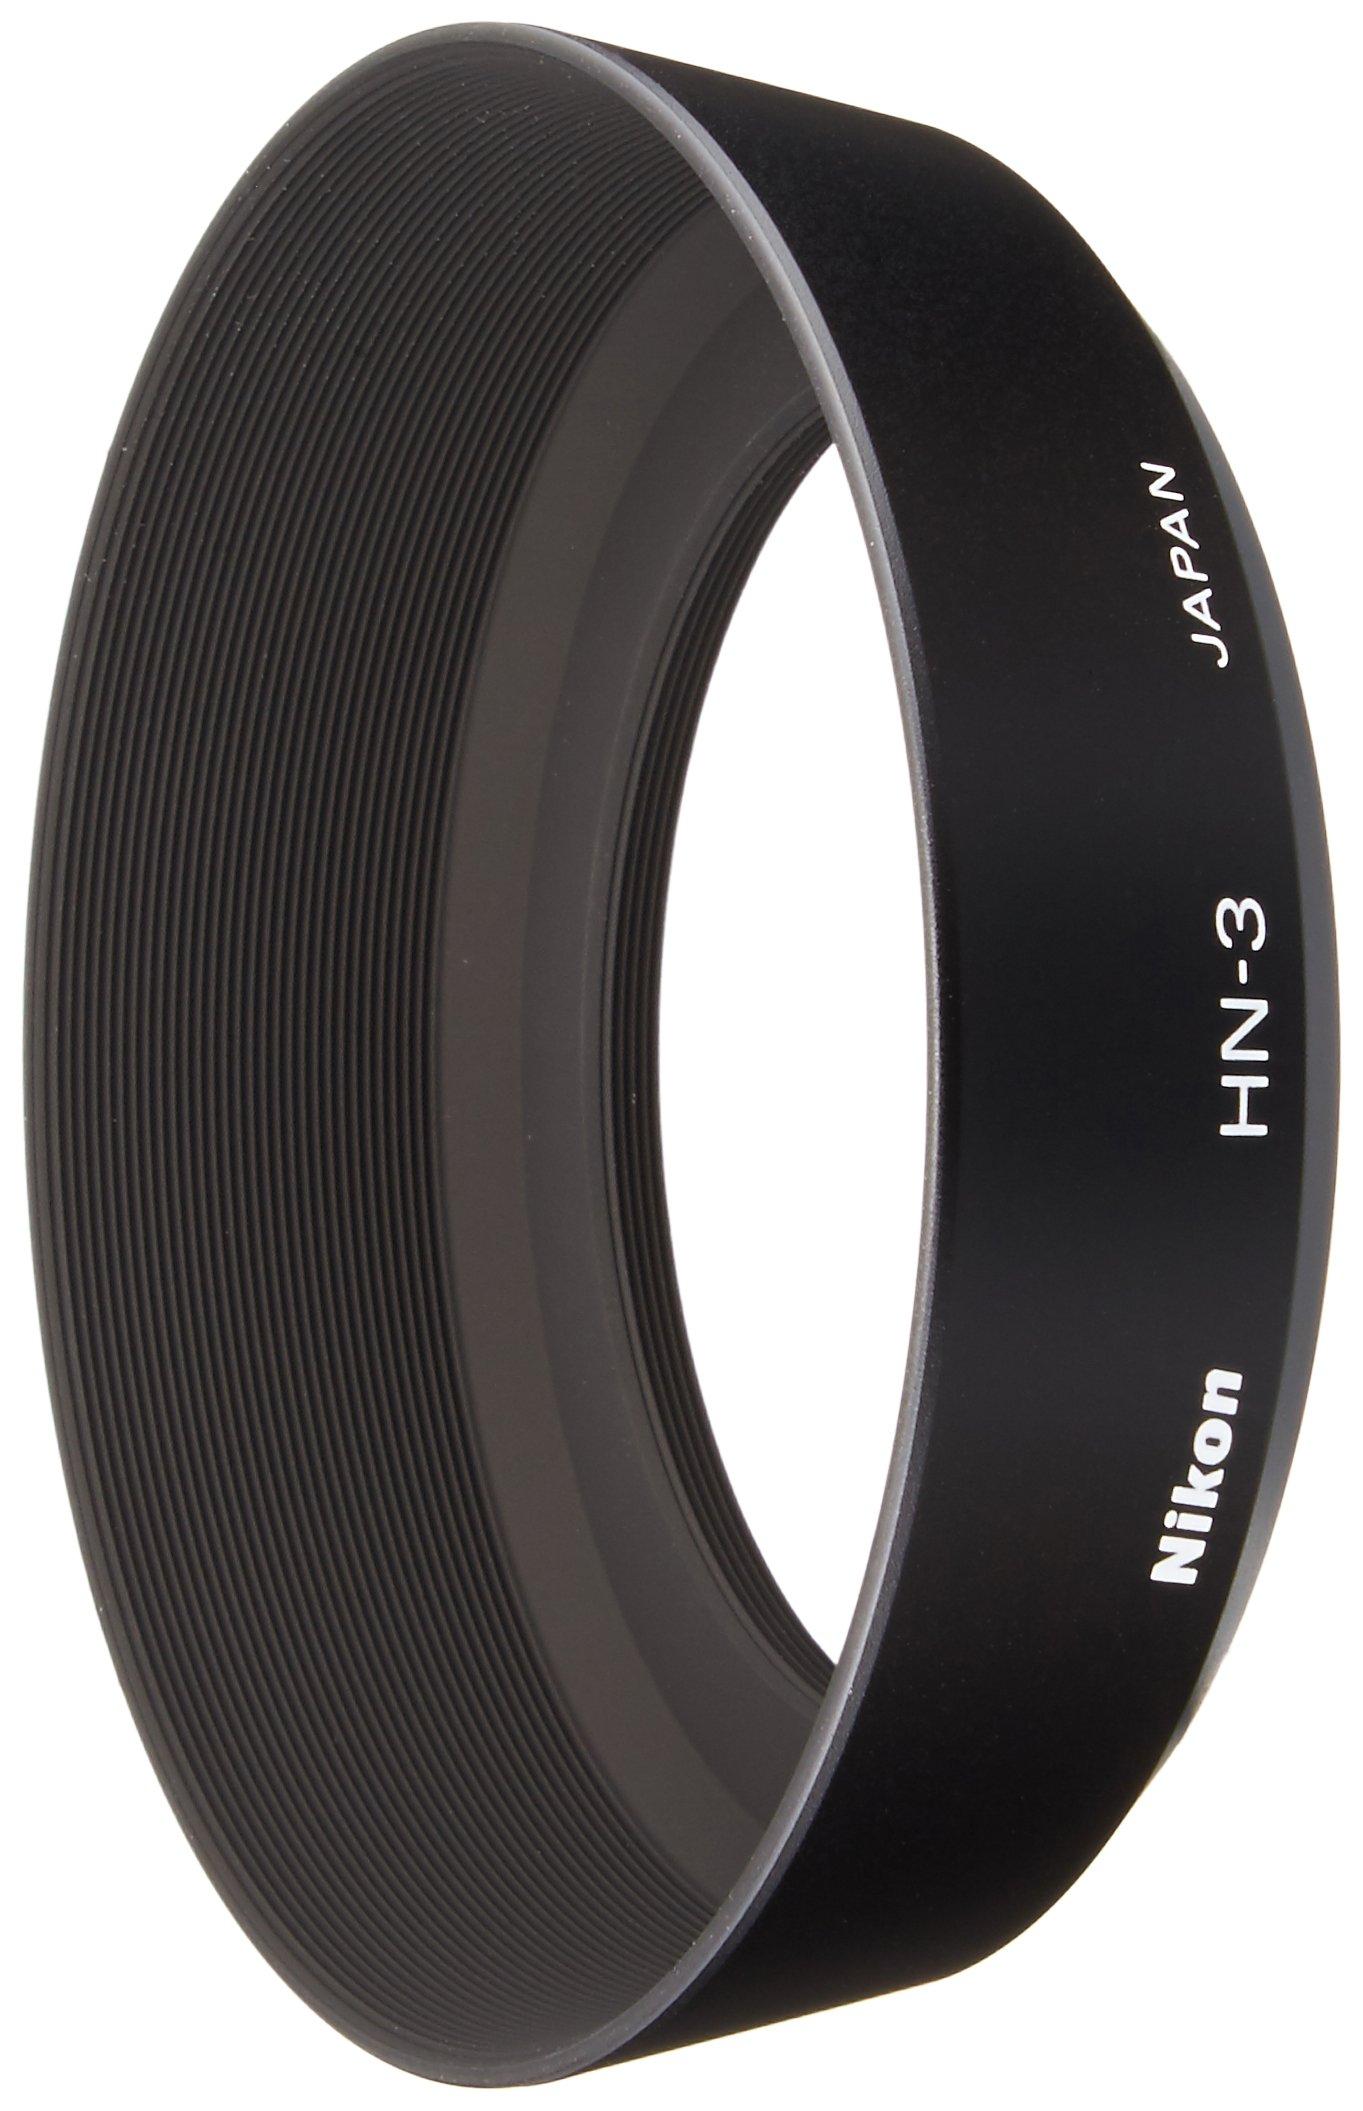 NIKON HN-3 Screw-in Lens Hood for 35mm f/1.4, 35mm f/2, 35mm f/2.8, 55mm f/3.5, Lens